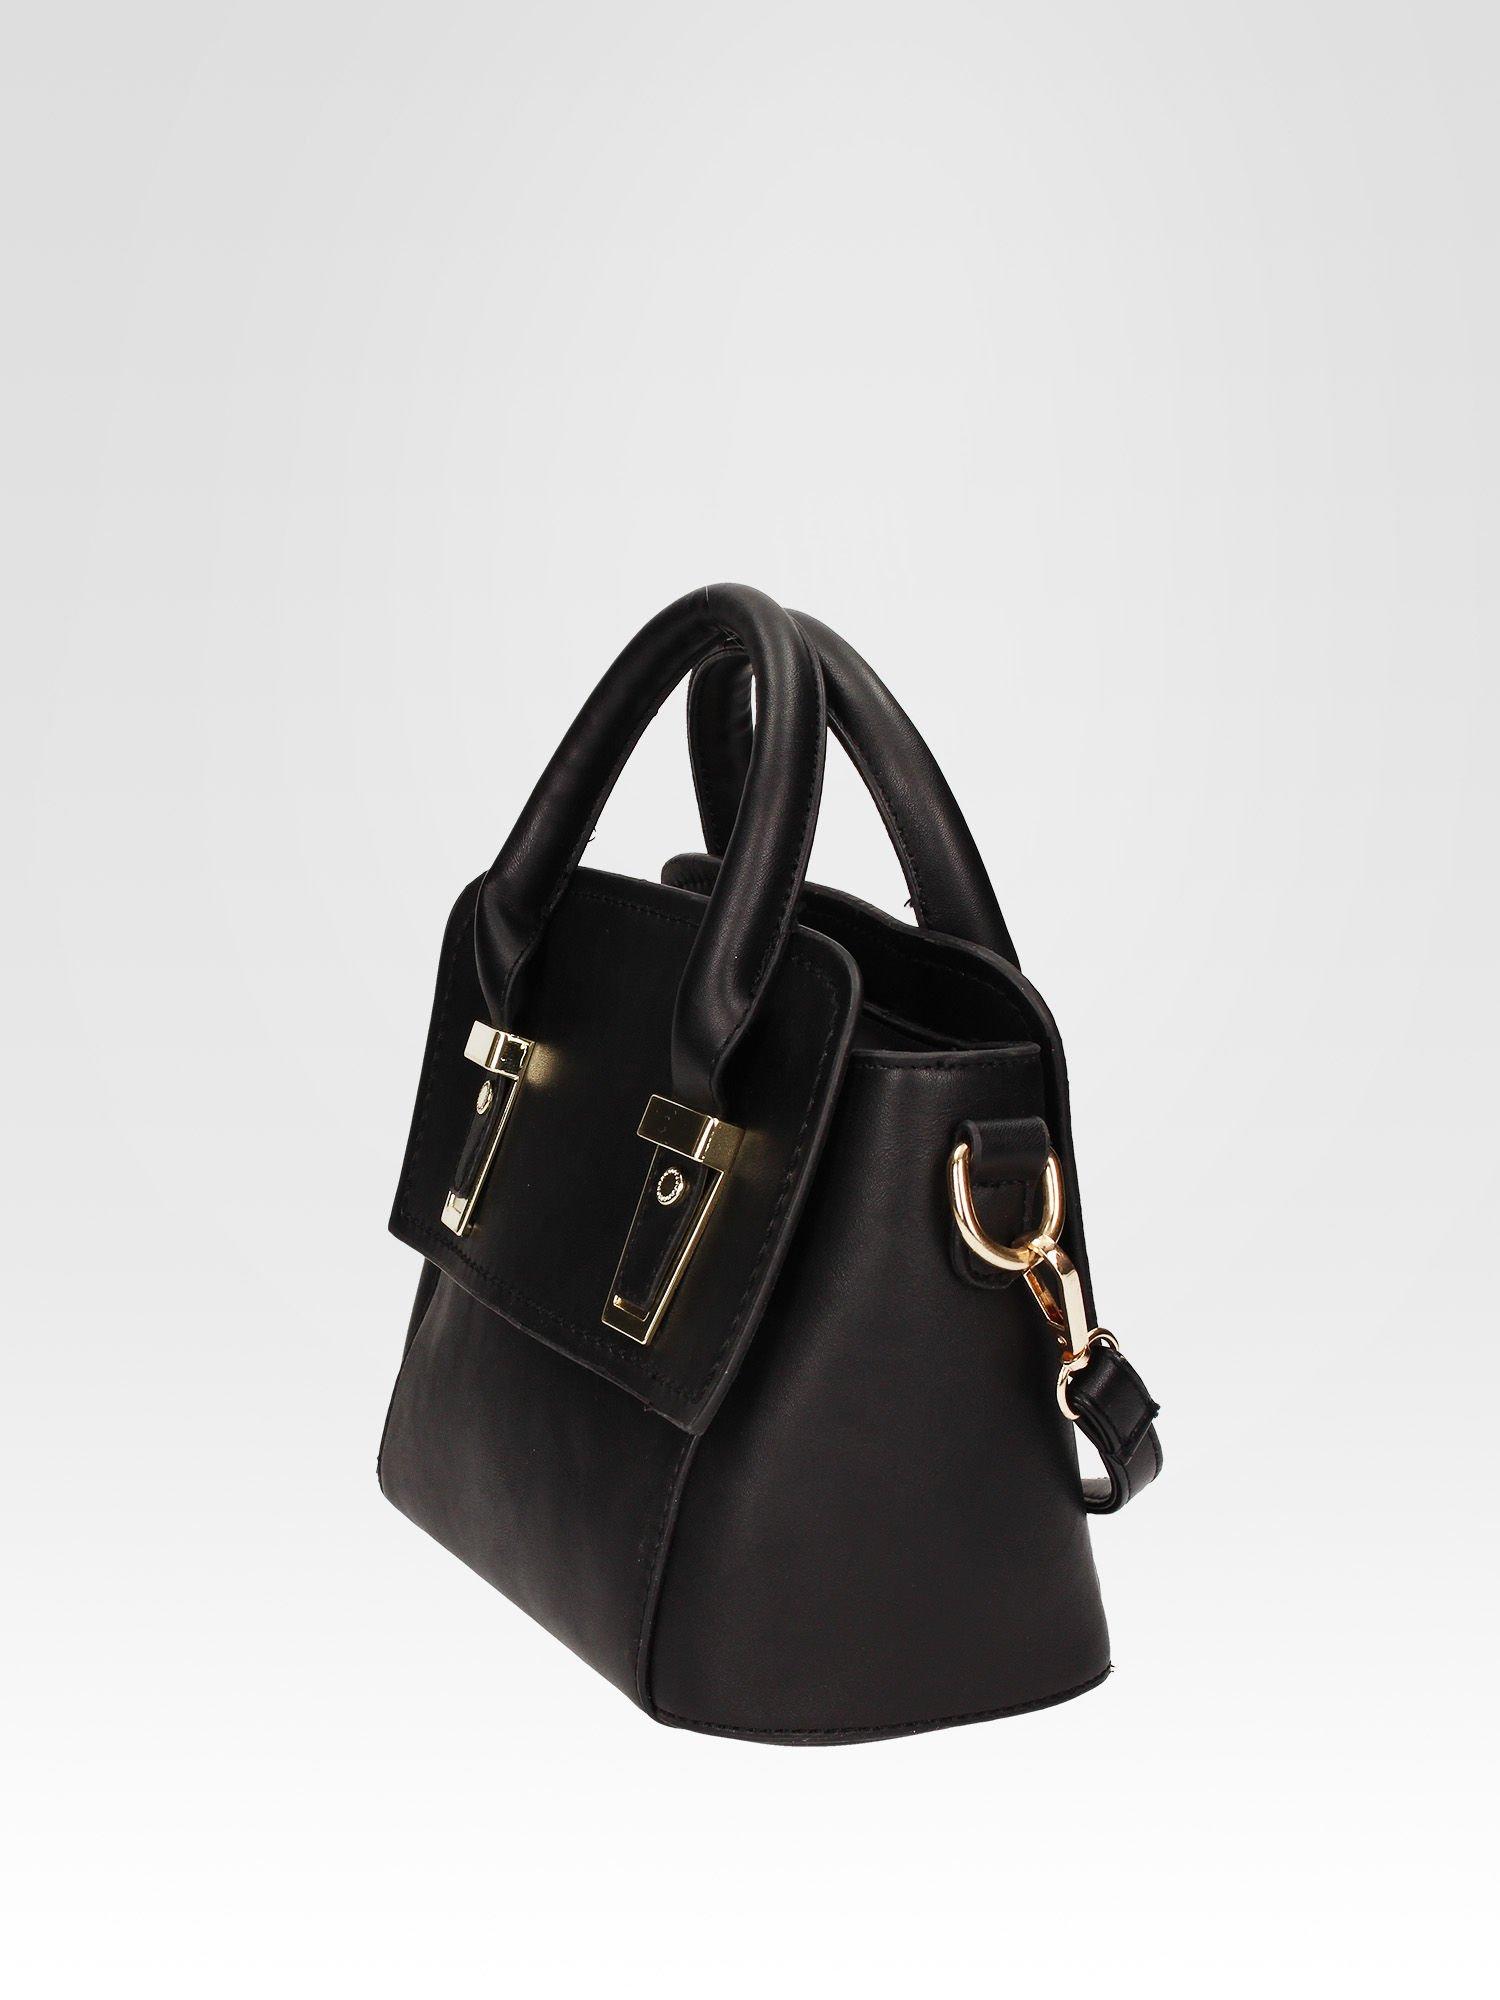 Czarna torebka kuferek z odpinanym paskiem                                  zdj.                                  3